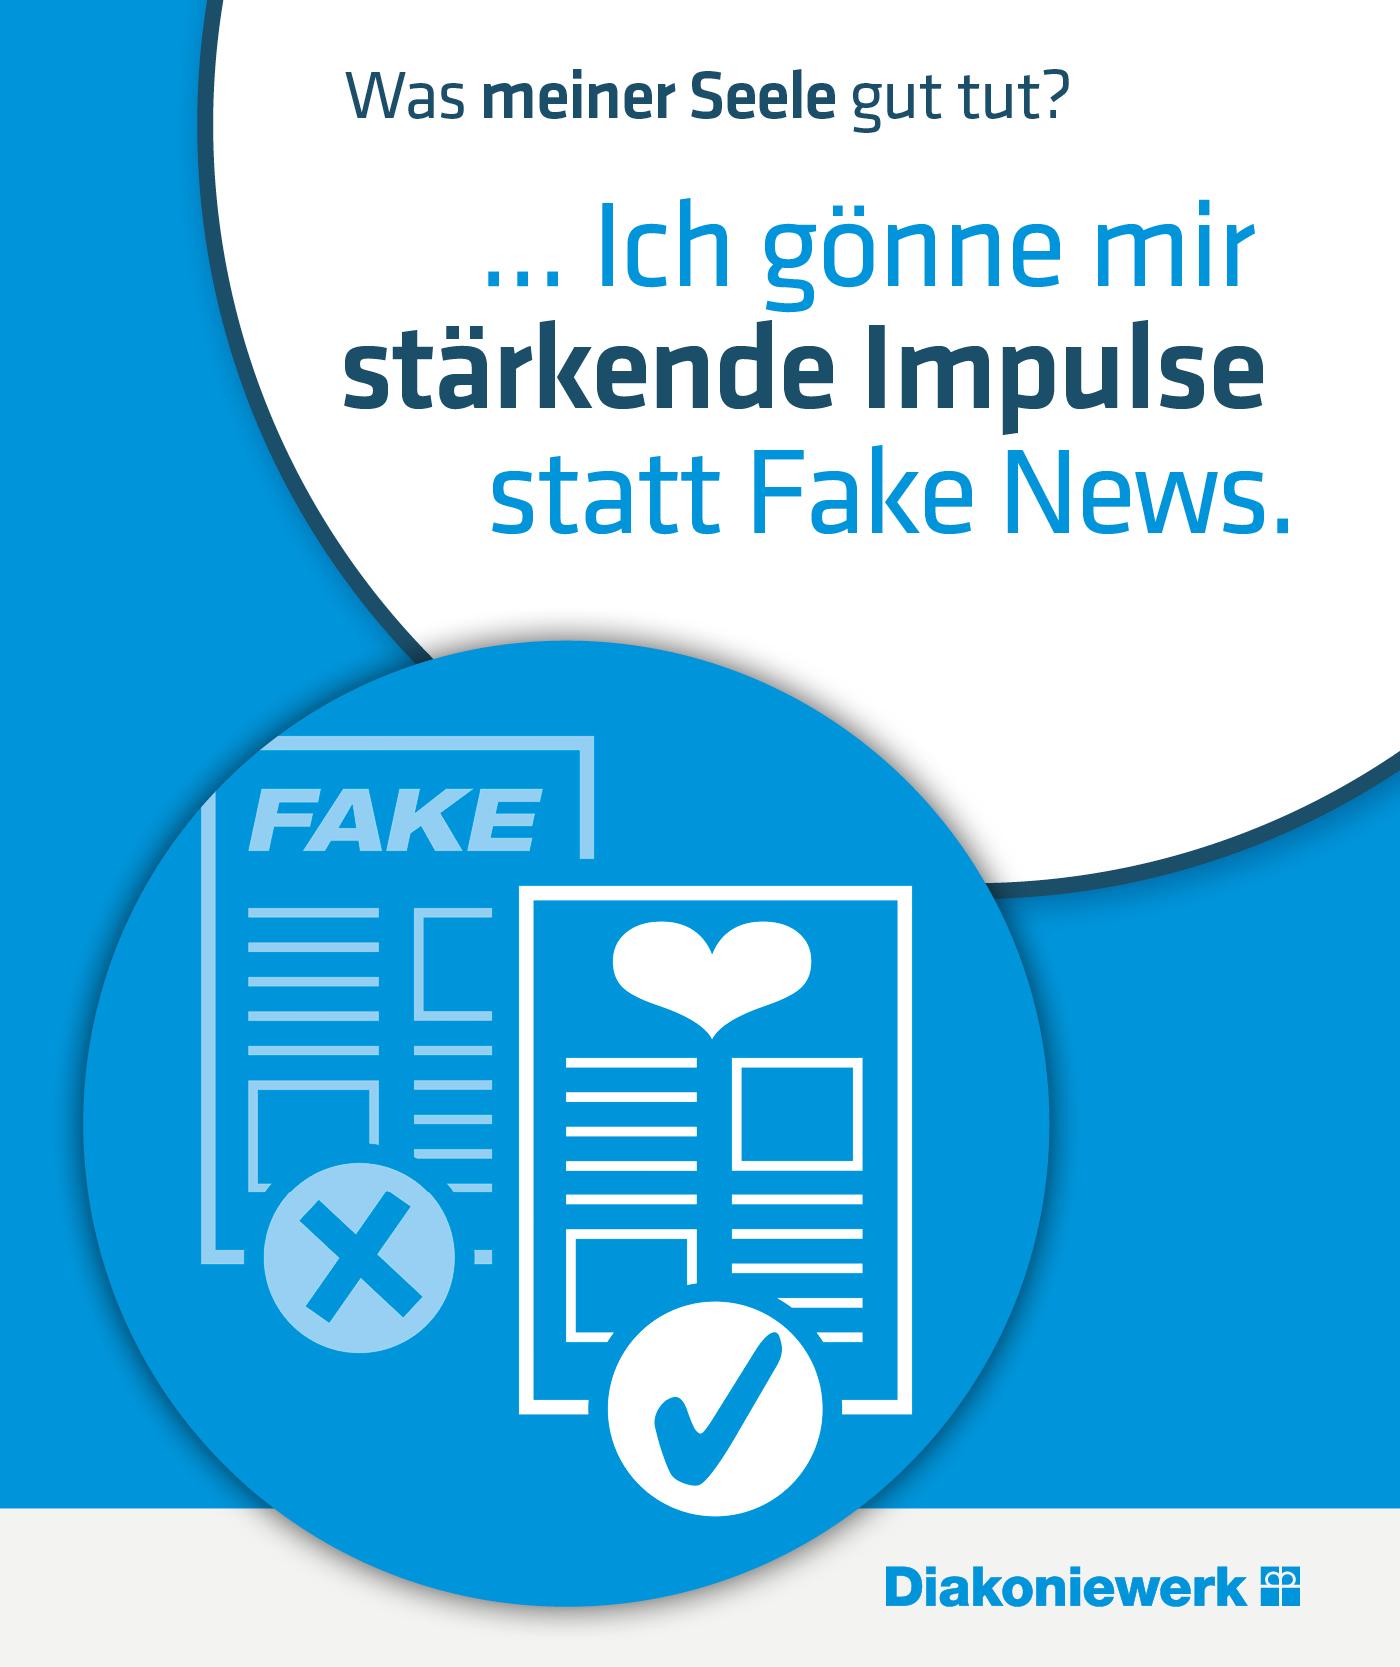 Seelengesundheit im Diakoniewerk - Ich gönne mir stärkende Impulse statt Fake News